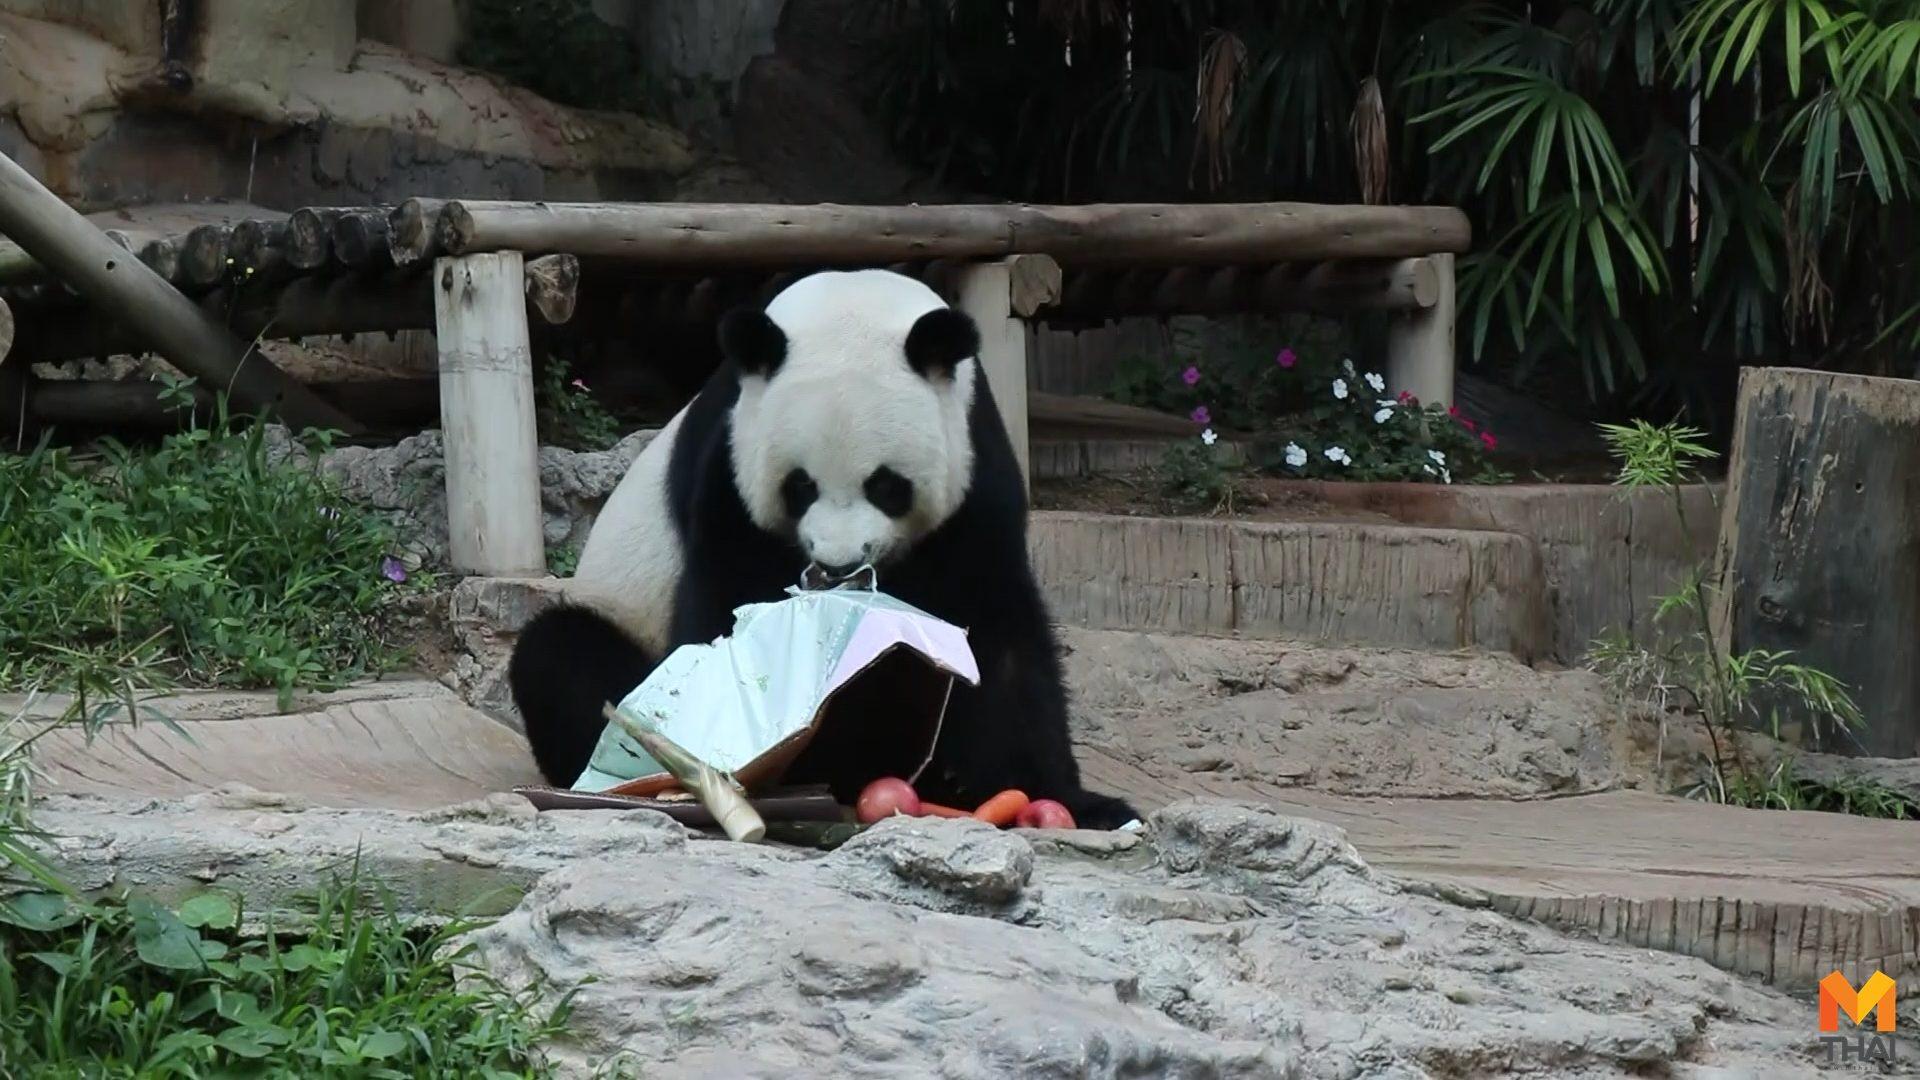 ช่วงช่วง ช่วงช่วงตายแล้ว ช่วงช่วงหลินฮุ่ย สวนสัตว์เชียงใหม่